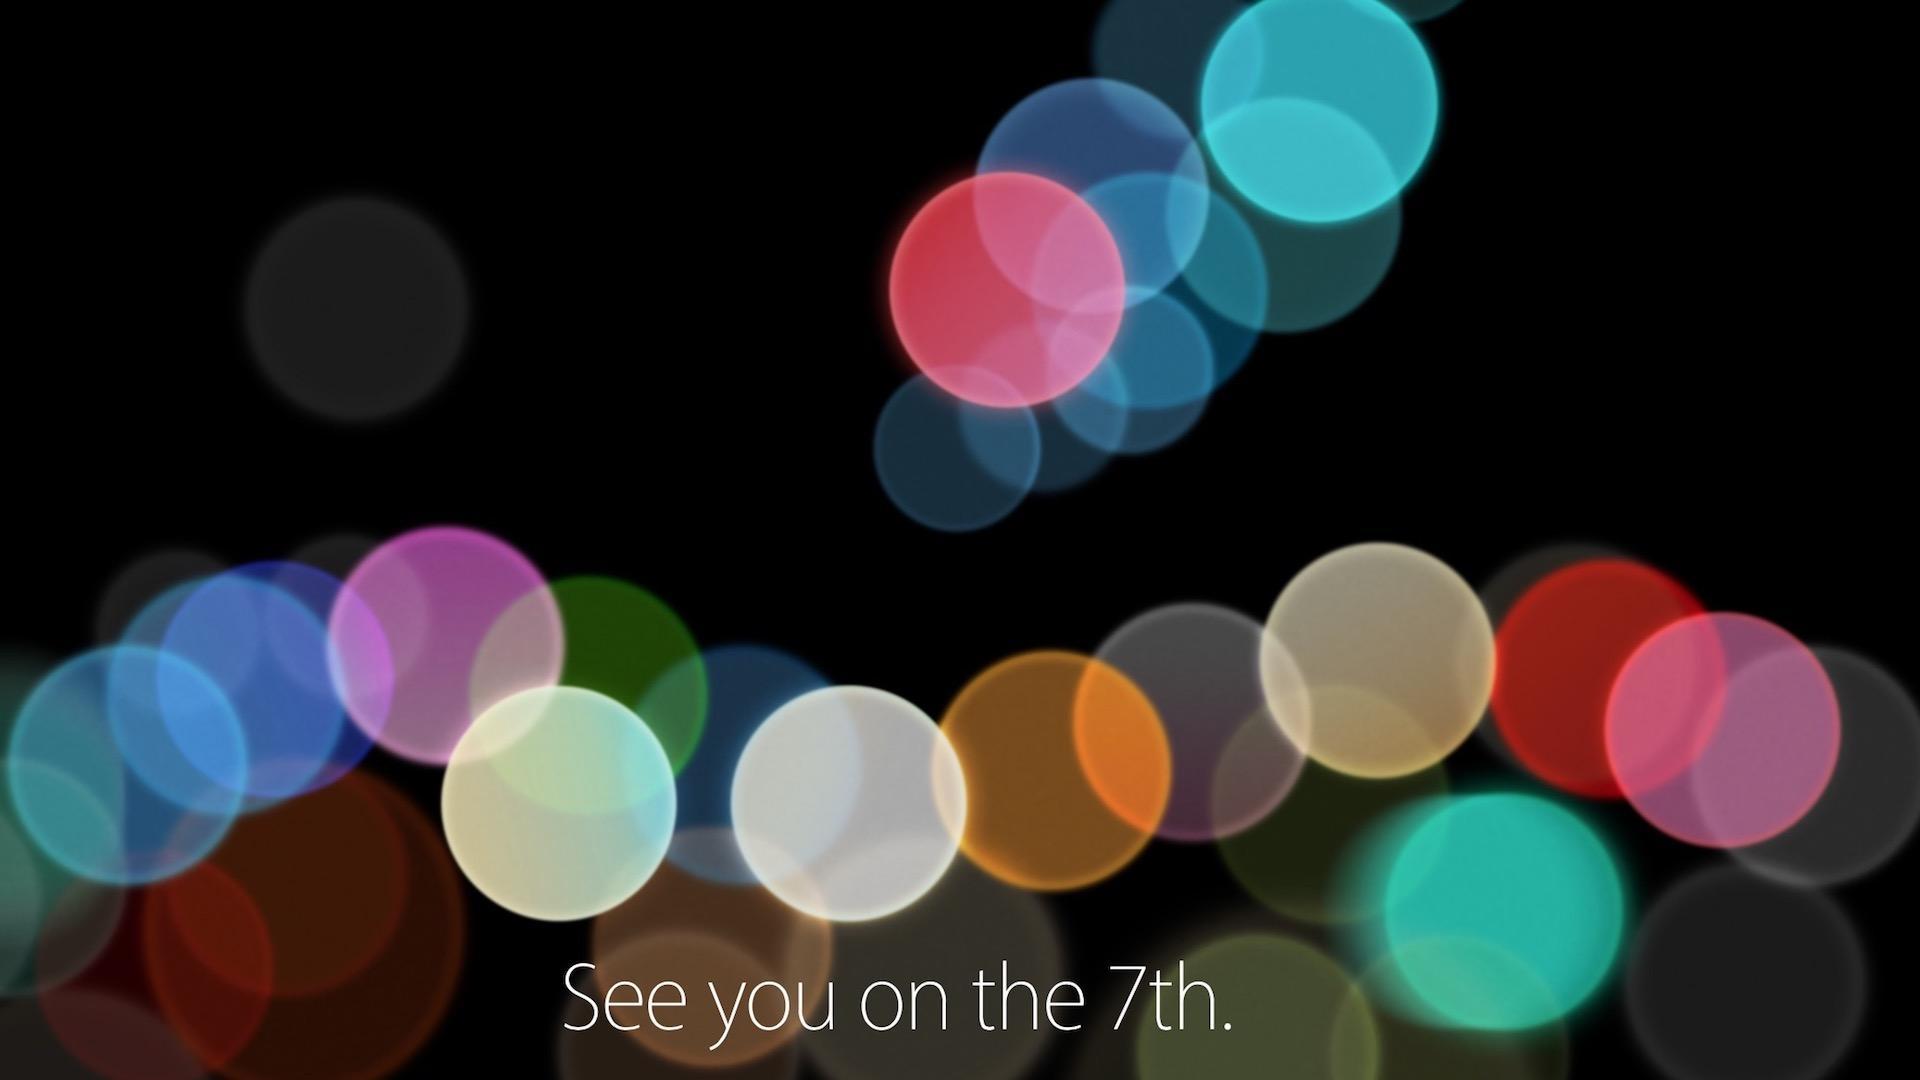 Confirmado: el iPhone 7 se lanza el 7 de septiembre